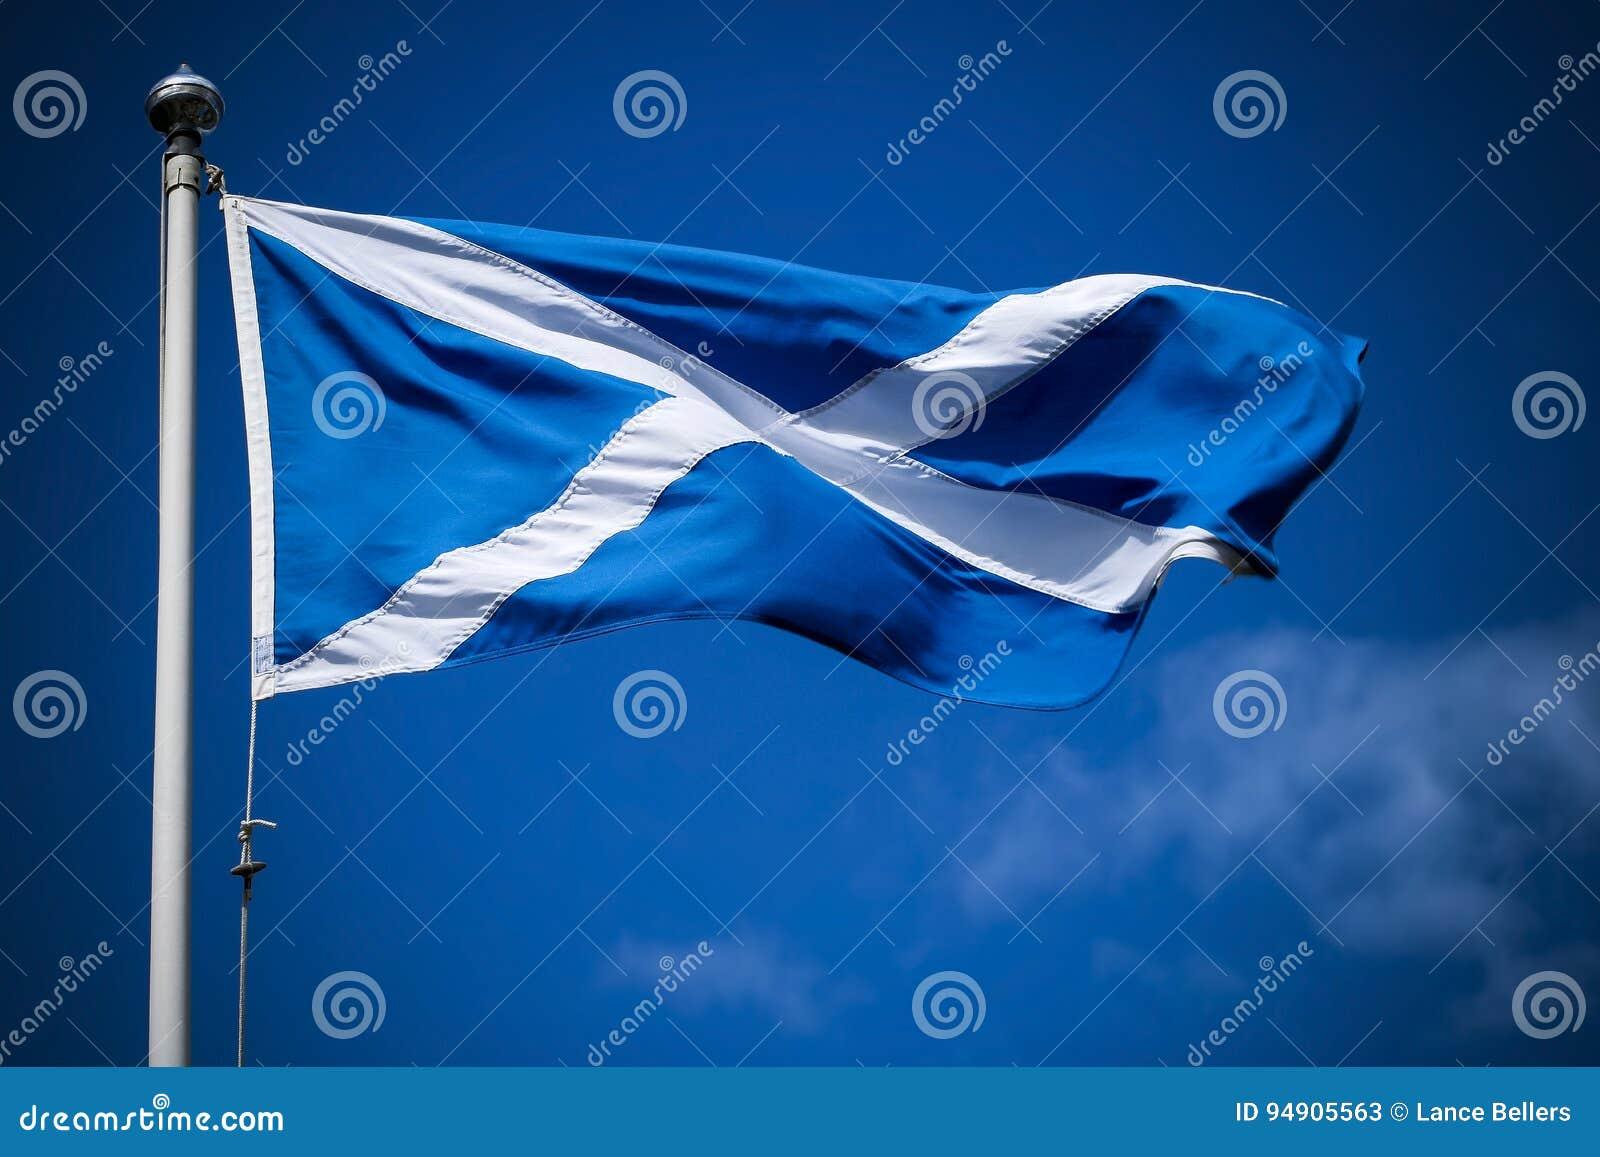 Scotland flag flying in sunshine against blue sky